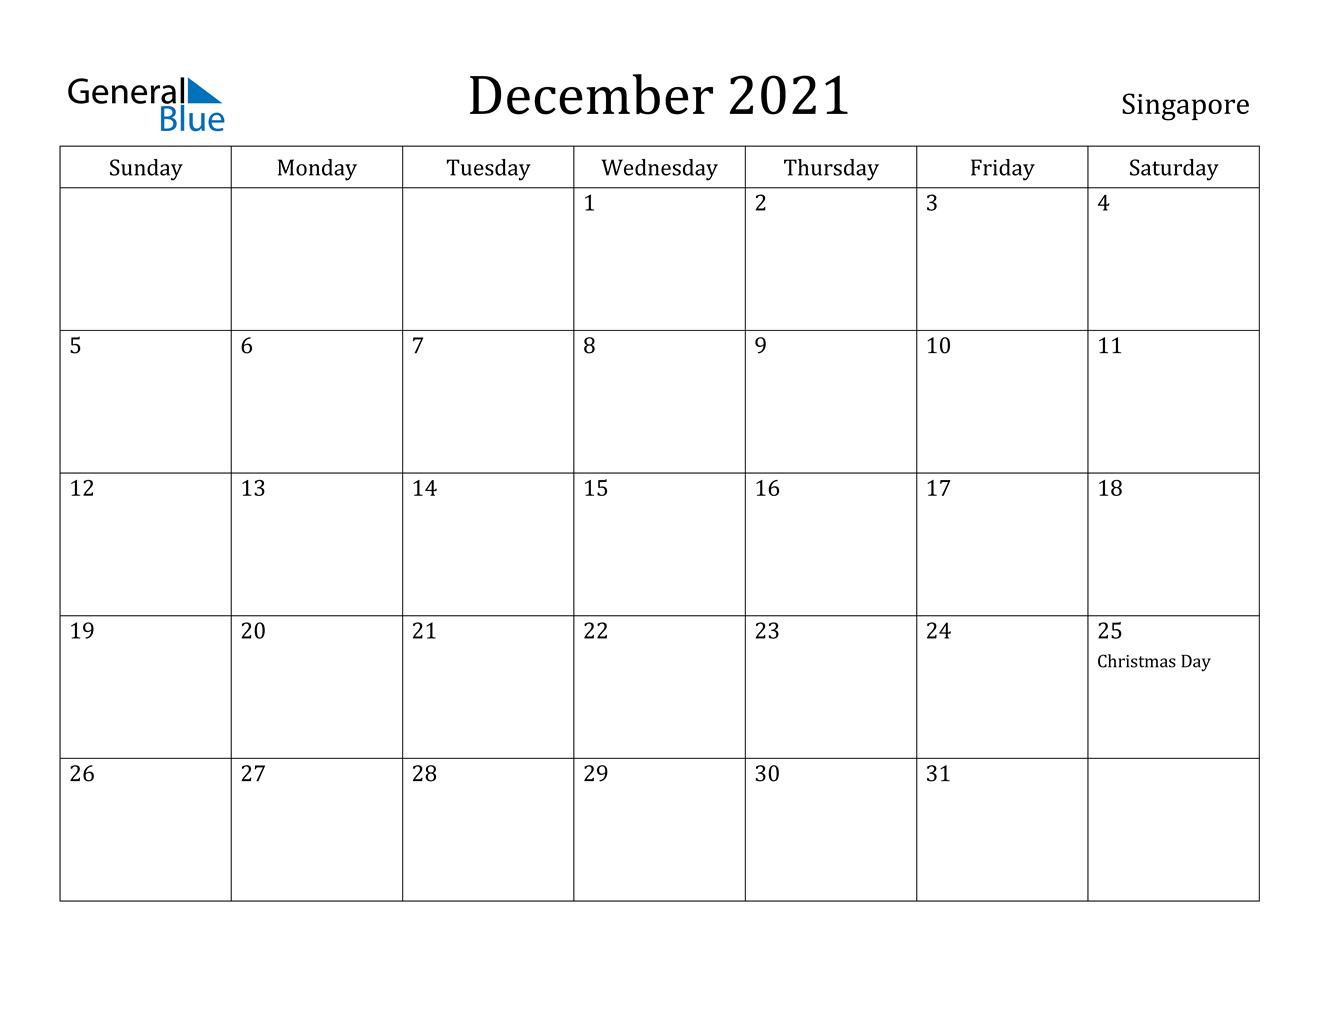 December 2021 Calendar - Singapore